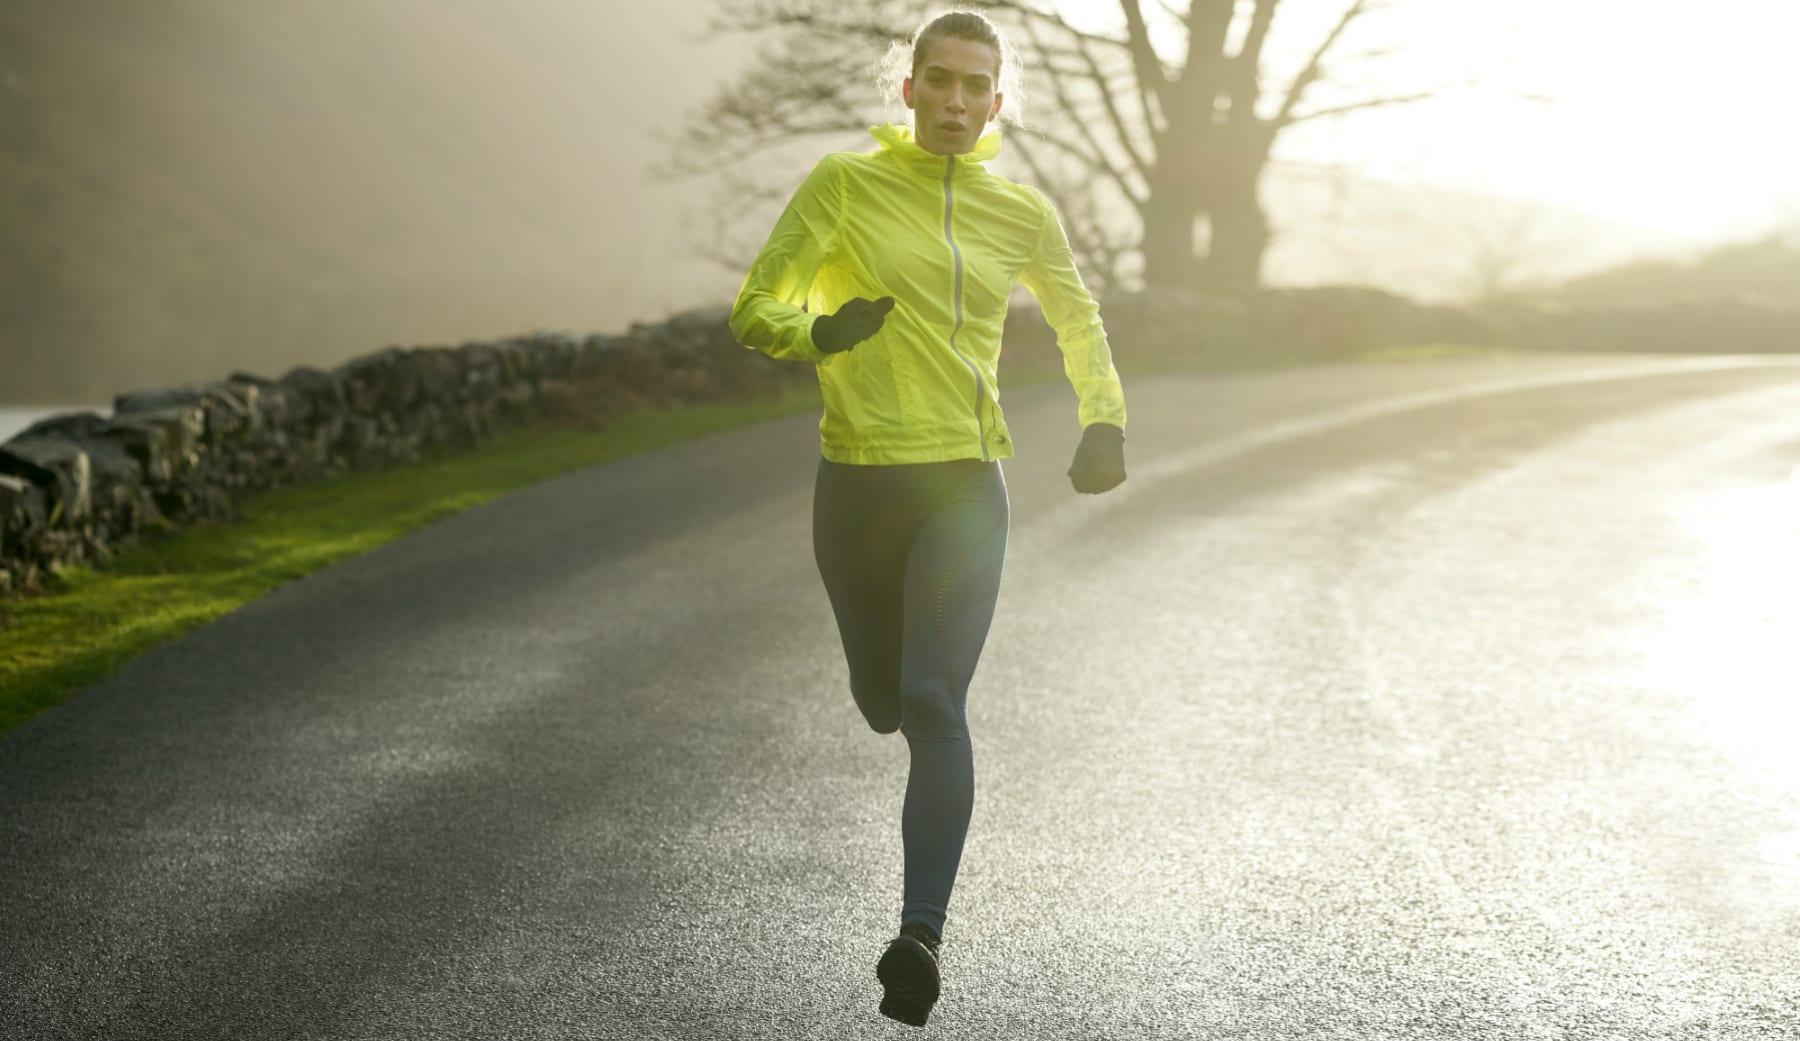 Style Spotlight: Steigere das Niveau mit diesen Lauf-Kollektionen